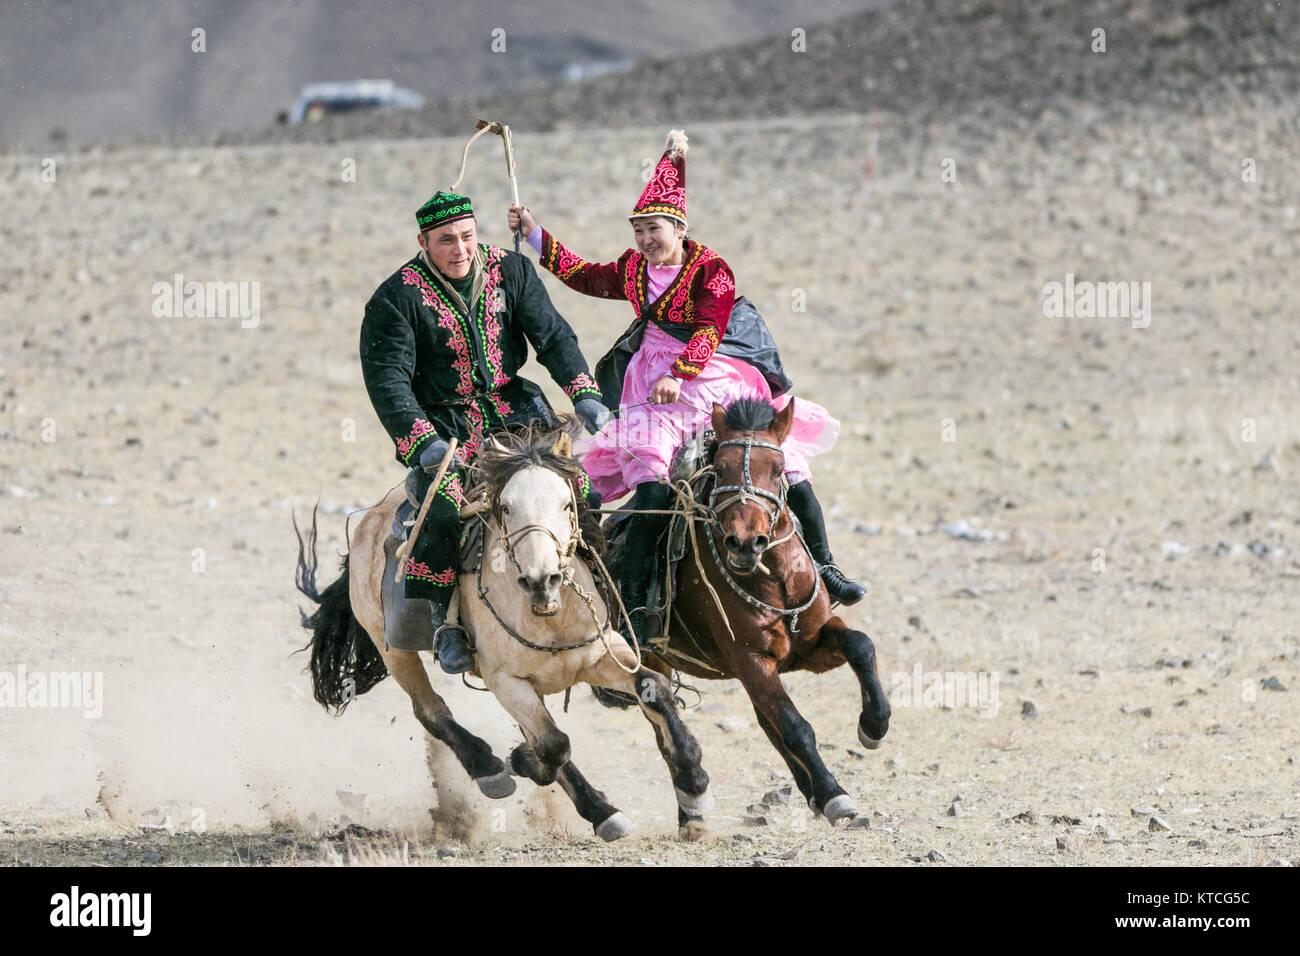 Il kazako tradizionale sport equestri e gioco di corteggiamento Immagini Stock